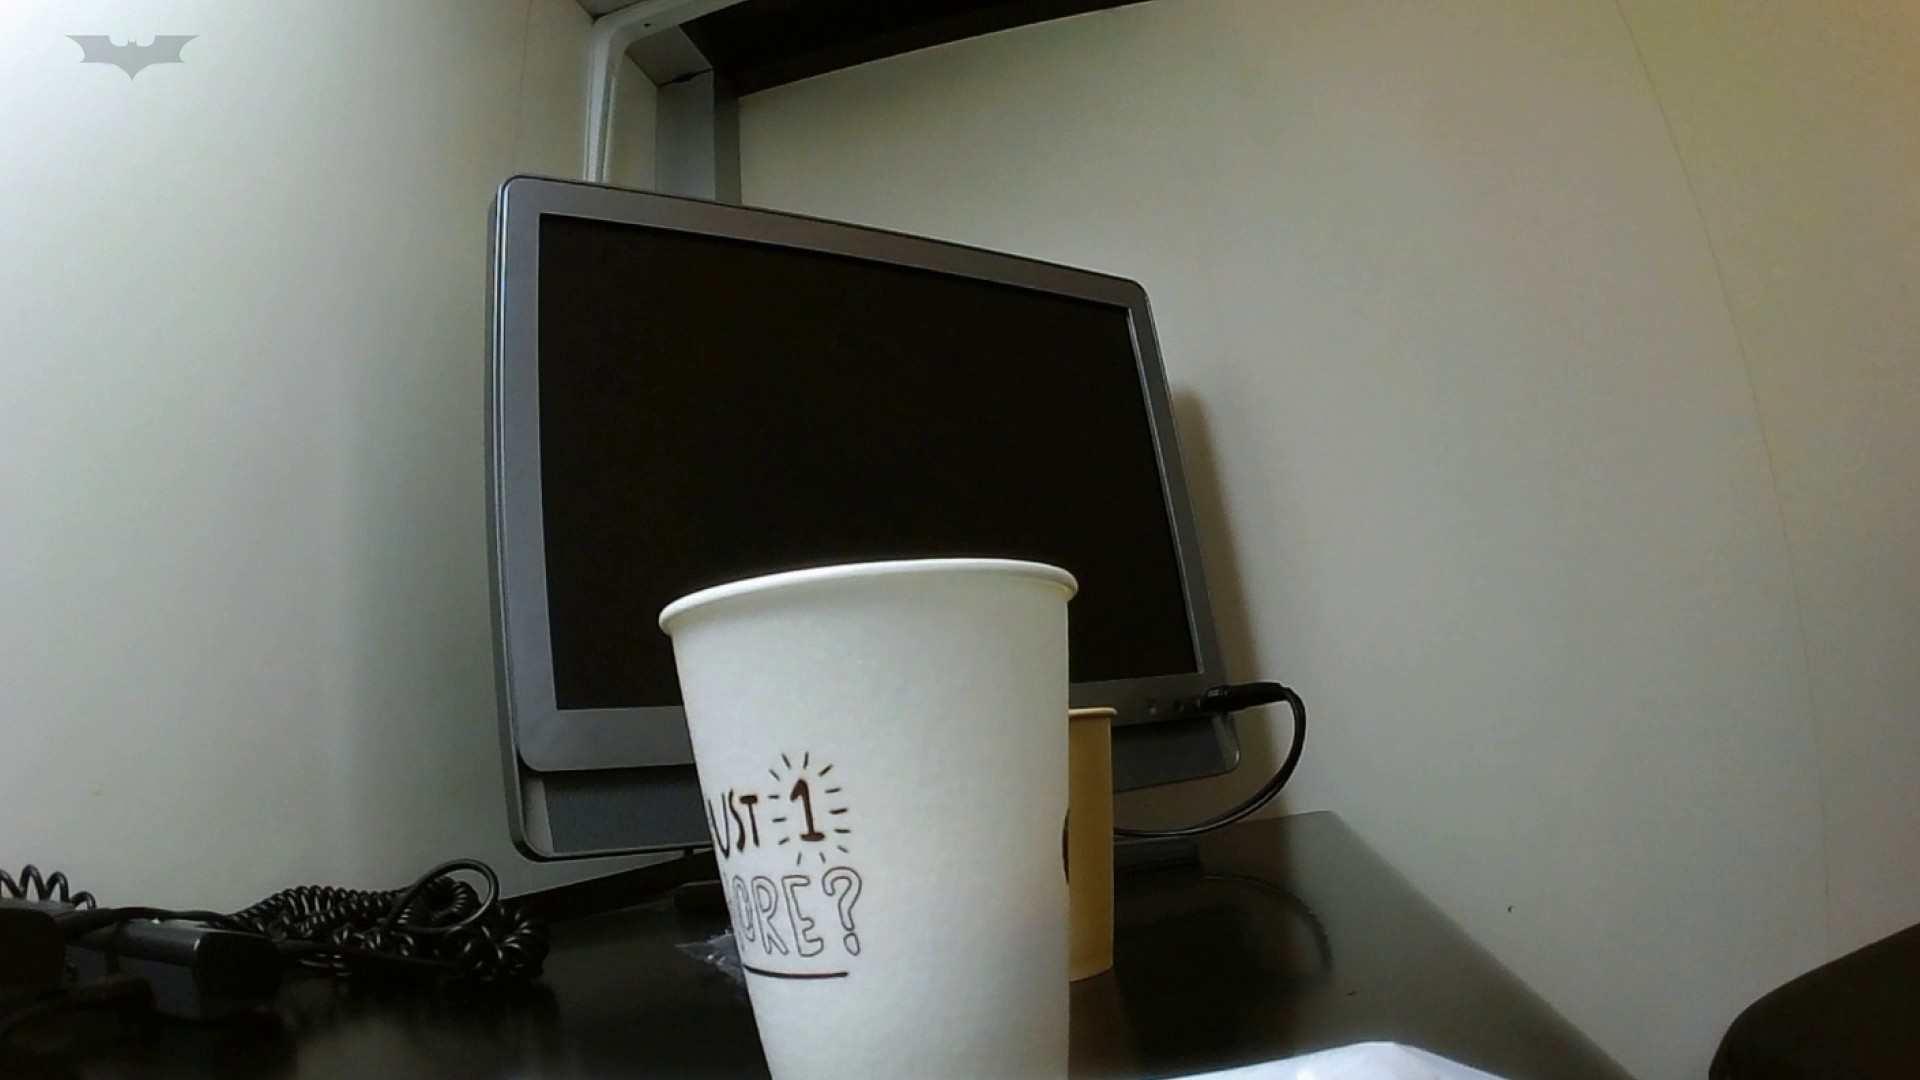 悪戯ネットカフェ Vol15 前篇 おっ!多い日ですねニュッと挿入してます。 0 | 0  105画像 4